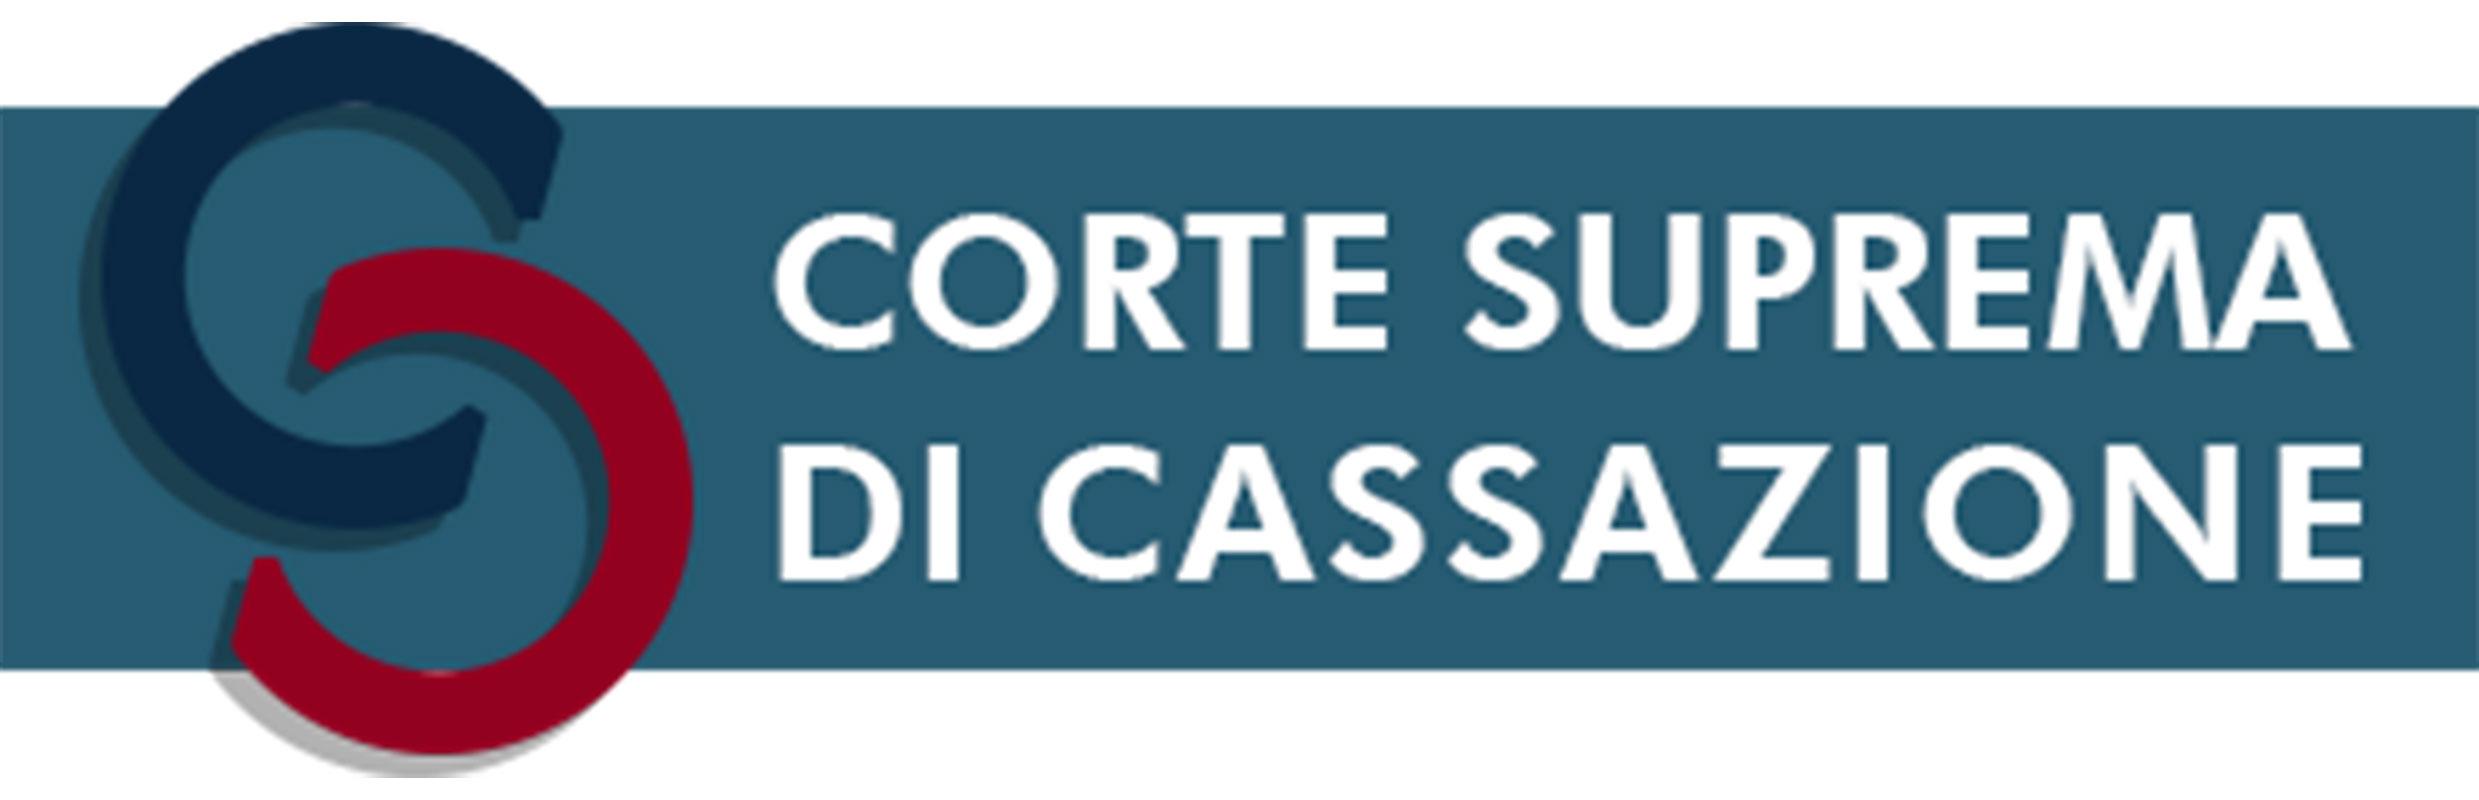 Produzione Video Milano Promo Aziendali